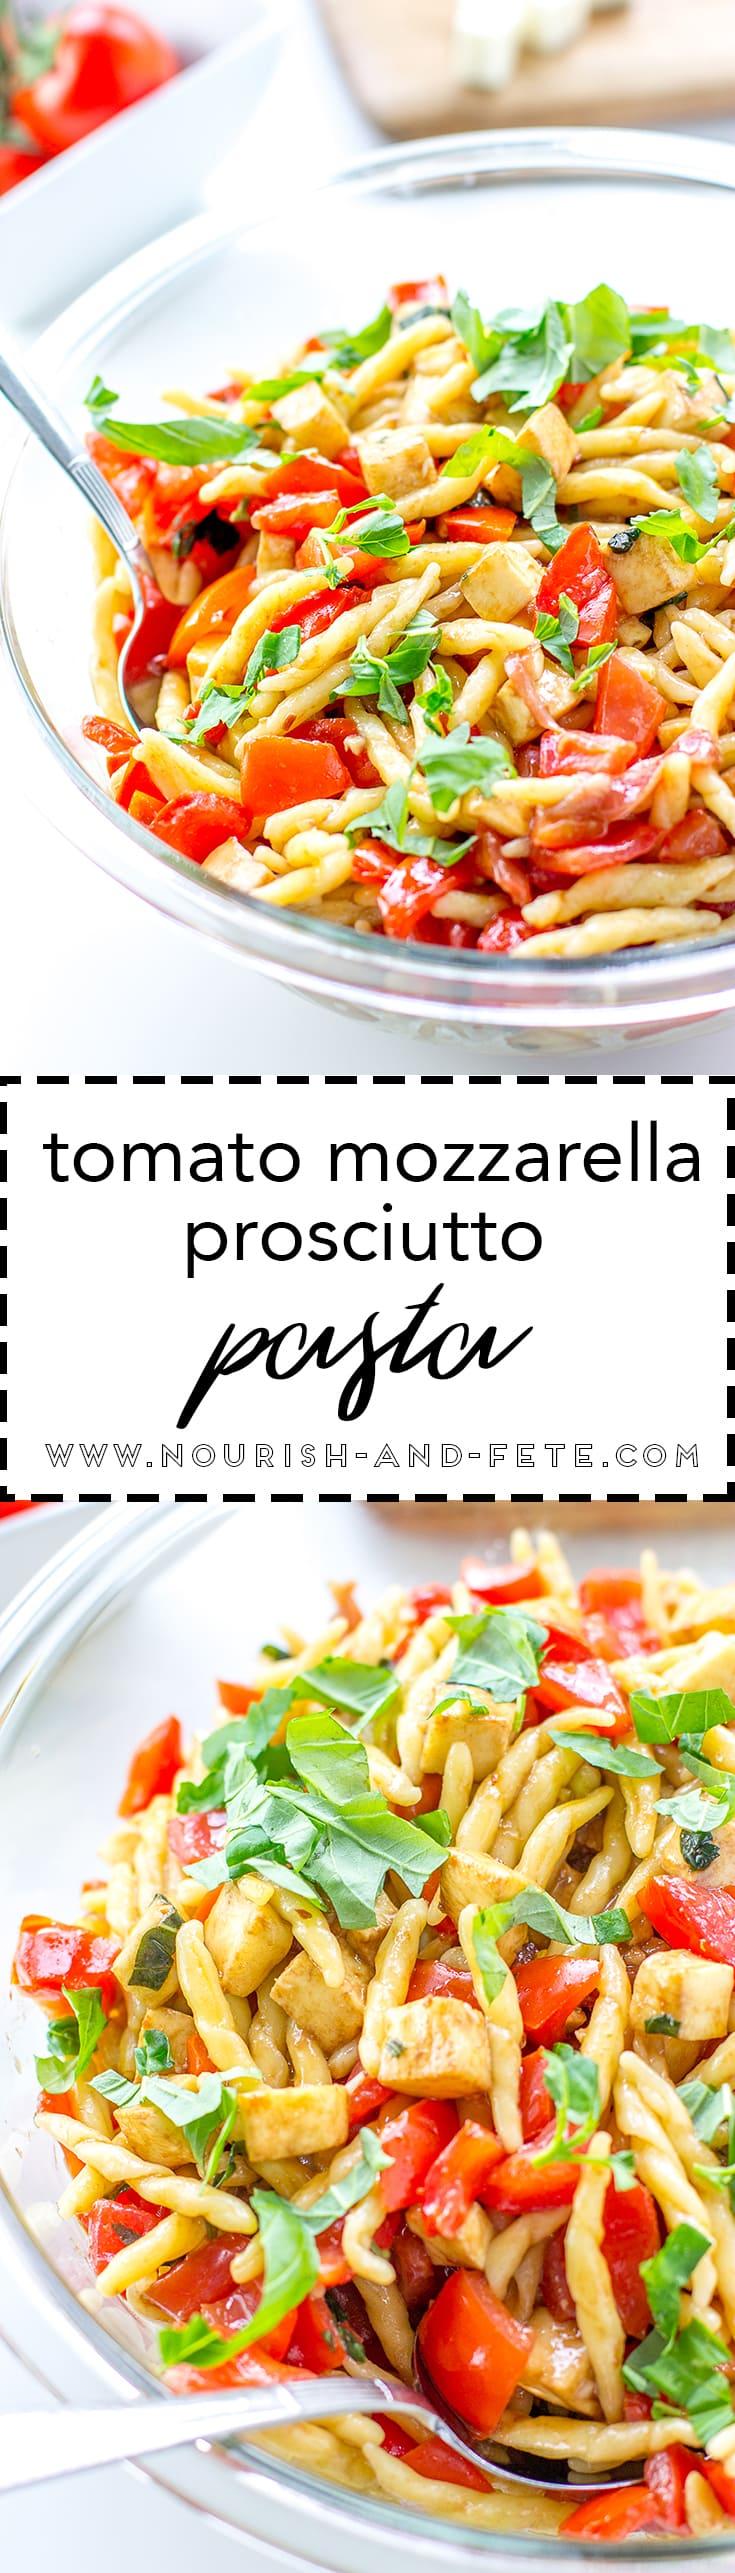 Tomato, mozzarella, prosciutto pasta - a light, fresh, fast summer dish!